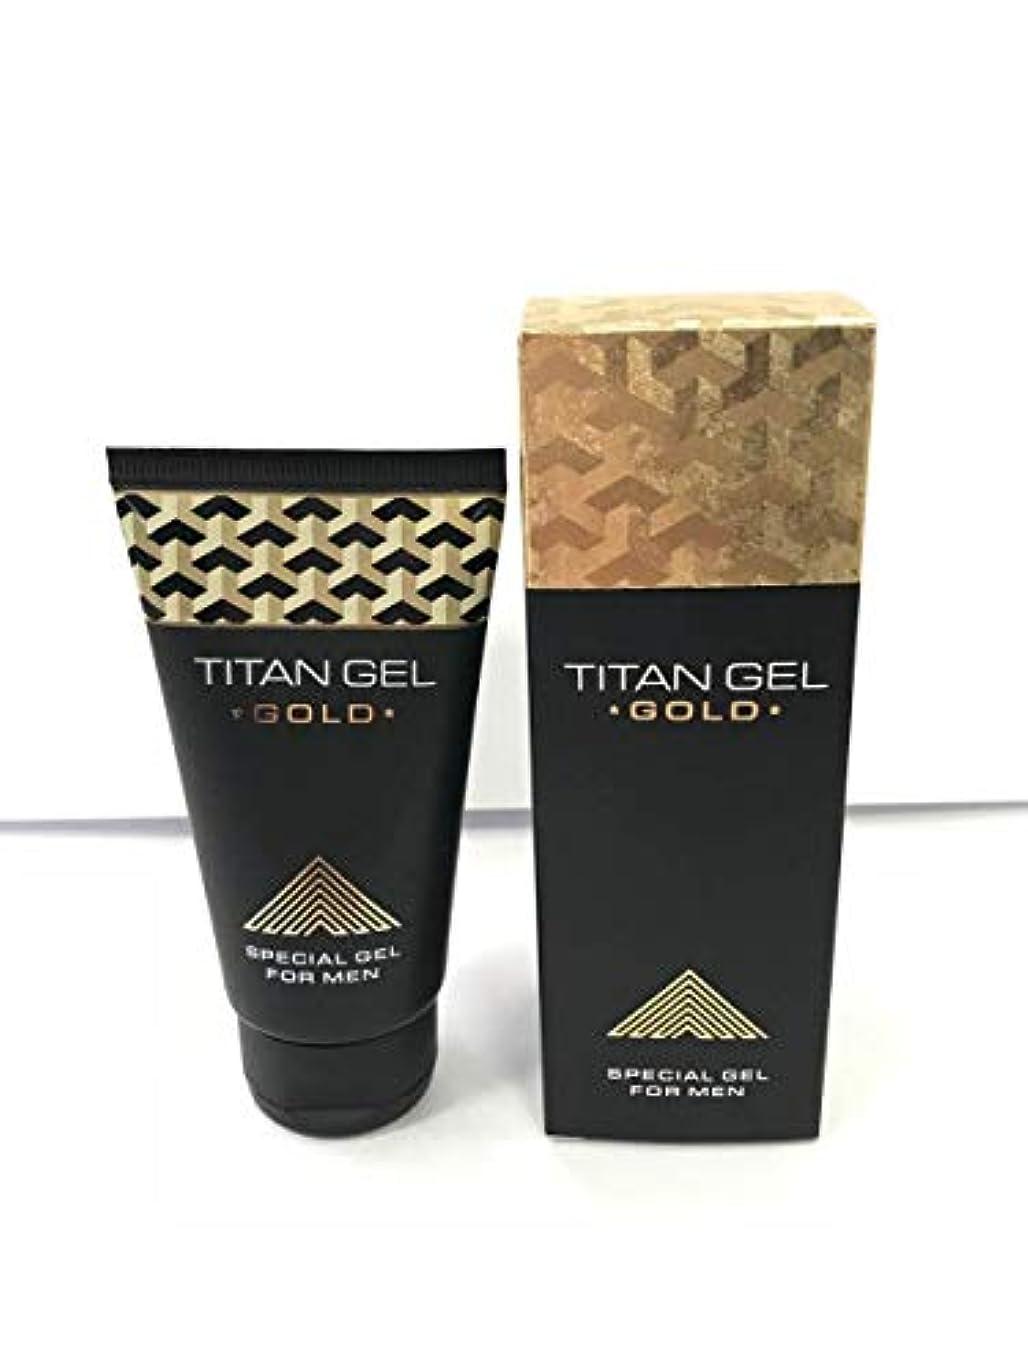 認める透けて見える失望タイタンジェル ゴールド Titan gel Gold 50ml 3箱セット 日本語説明付き [並行輸入品]